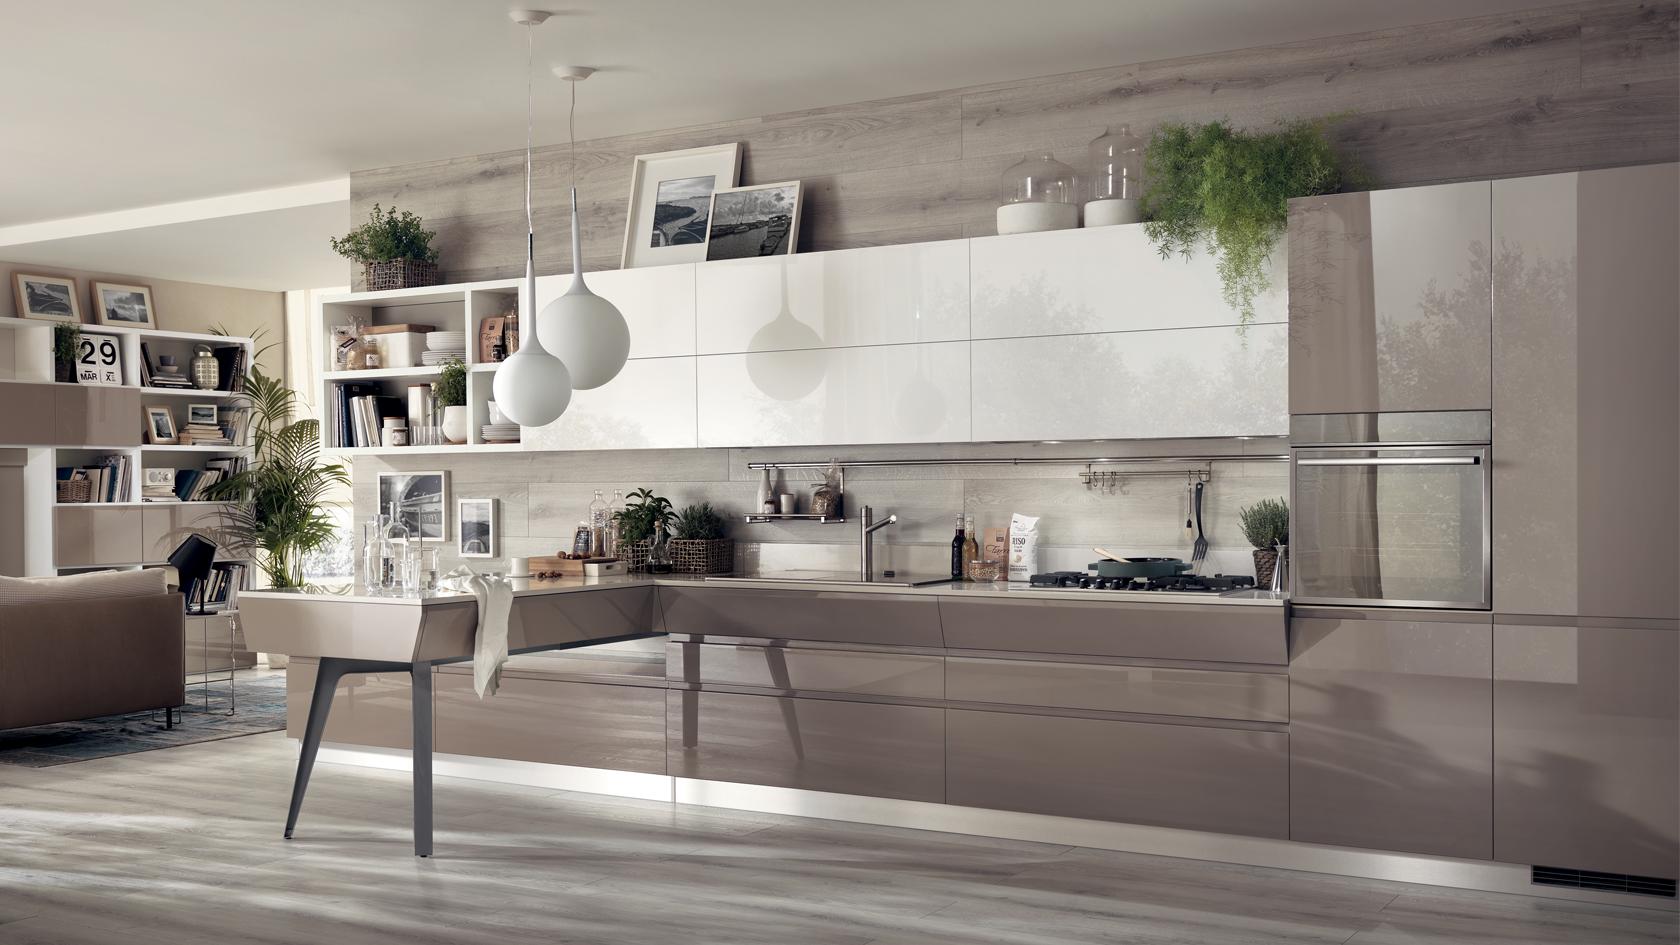 Cucine centro mobili andreozzi